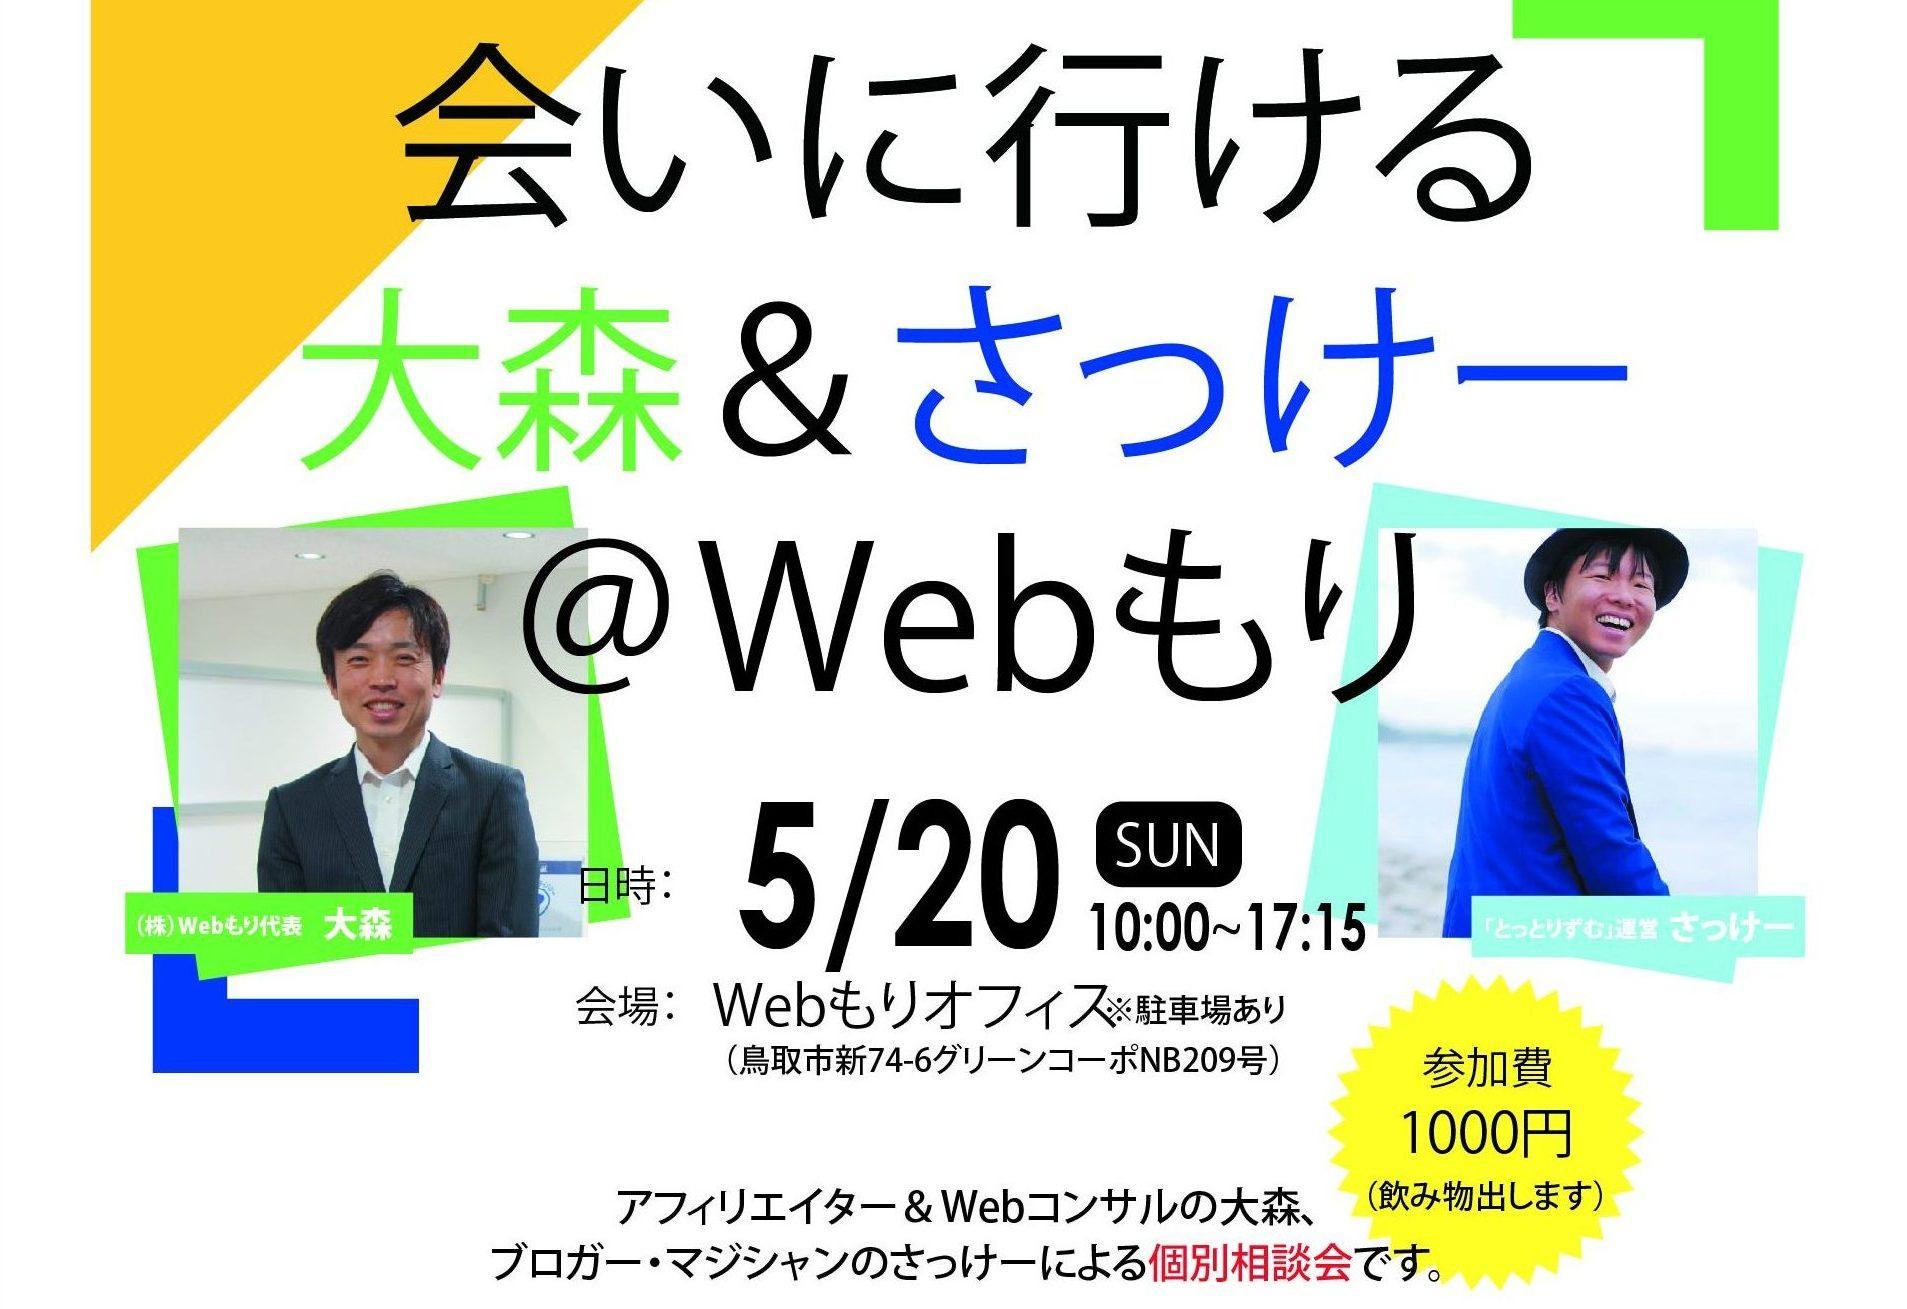 【個別相談会を開催します!】5/20(日) 会いに行ける大森&さっけー@Webもり